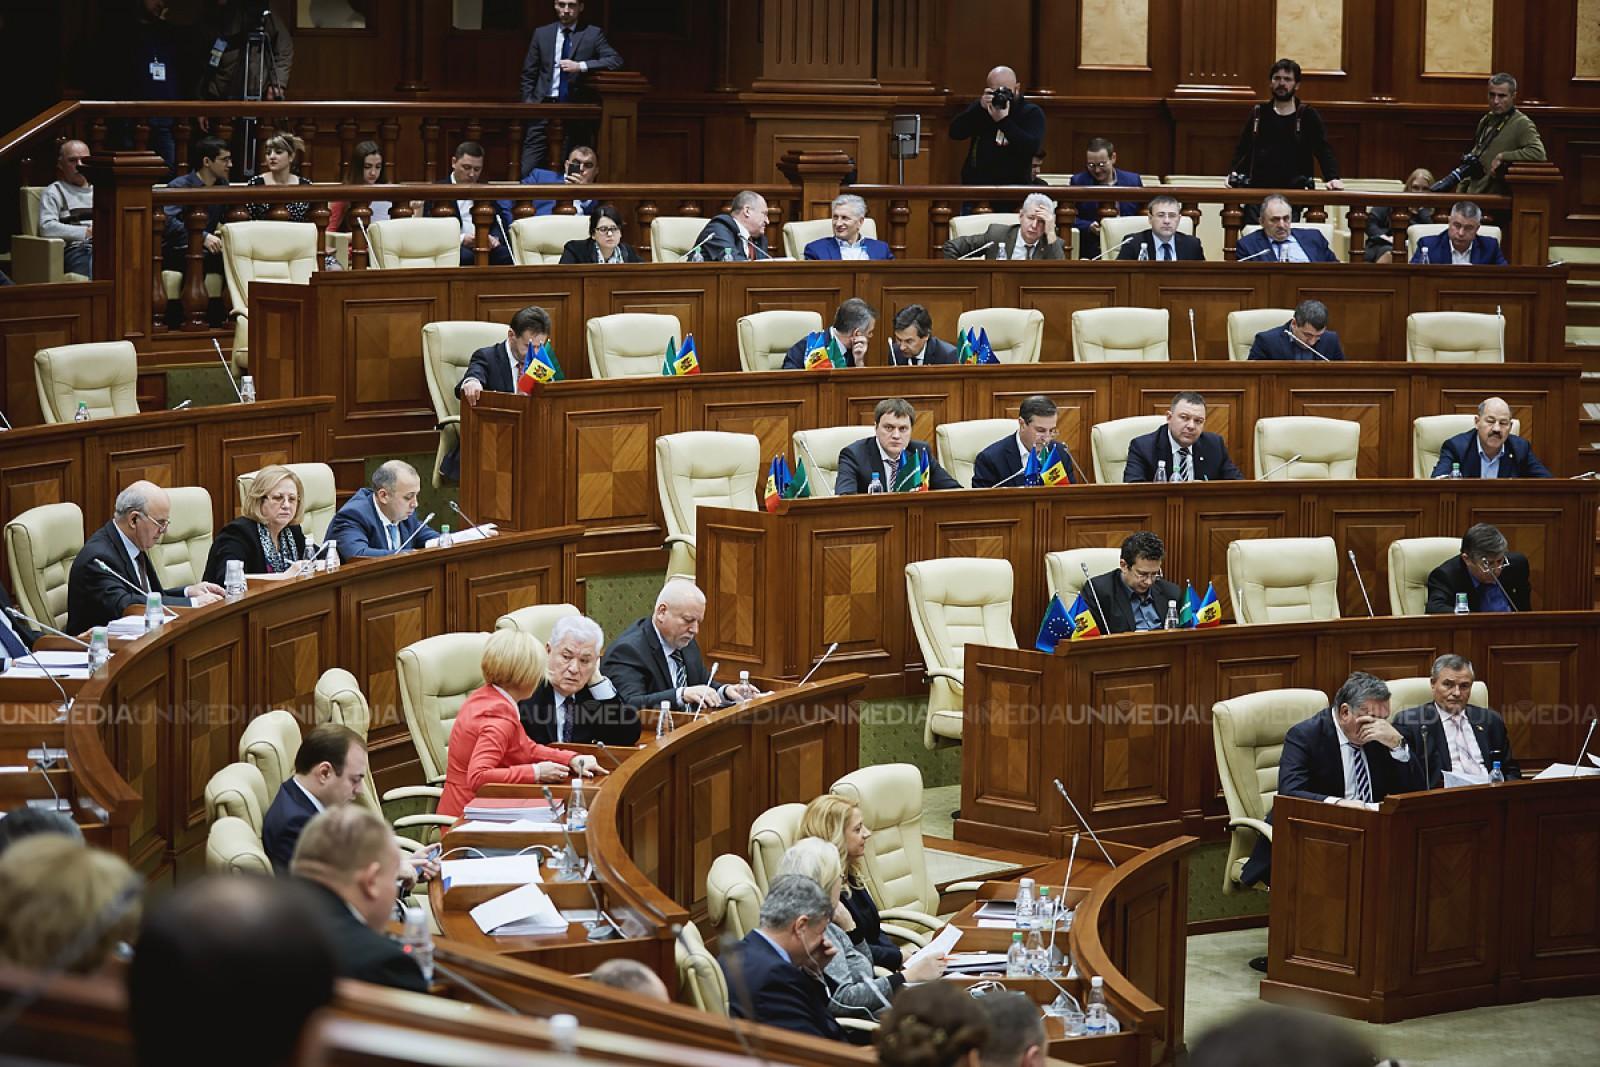 (video/update) Ședința Parlamentului: Deputații din PCRM au părăsit plenul în semn de protest față de Proiectul de lege privind modificarea Codului Audiovizualului